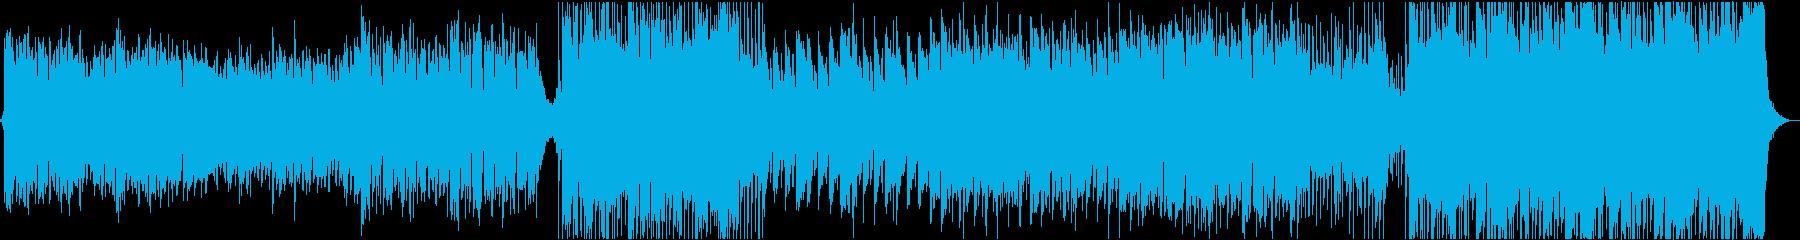 壮大なケルト風BGMの再生済みの波形